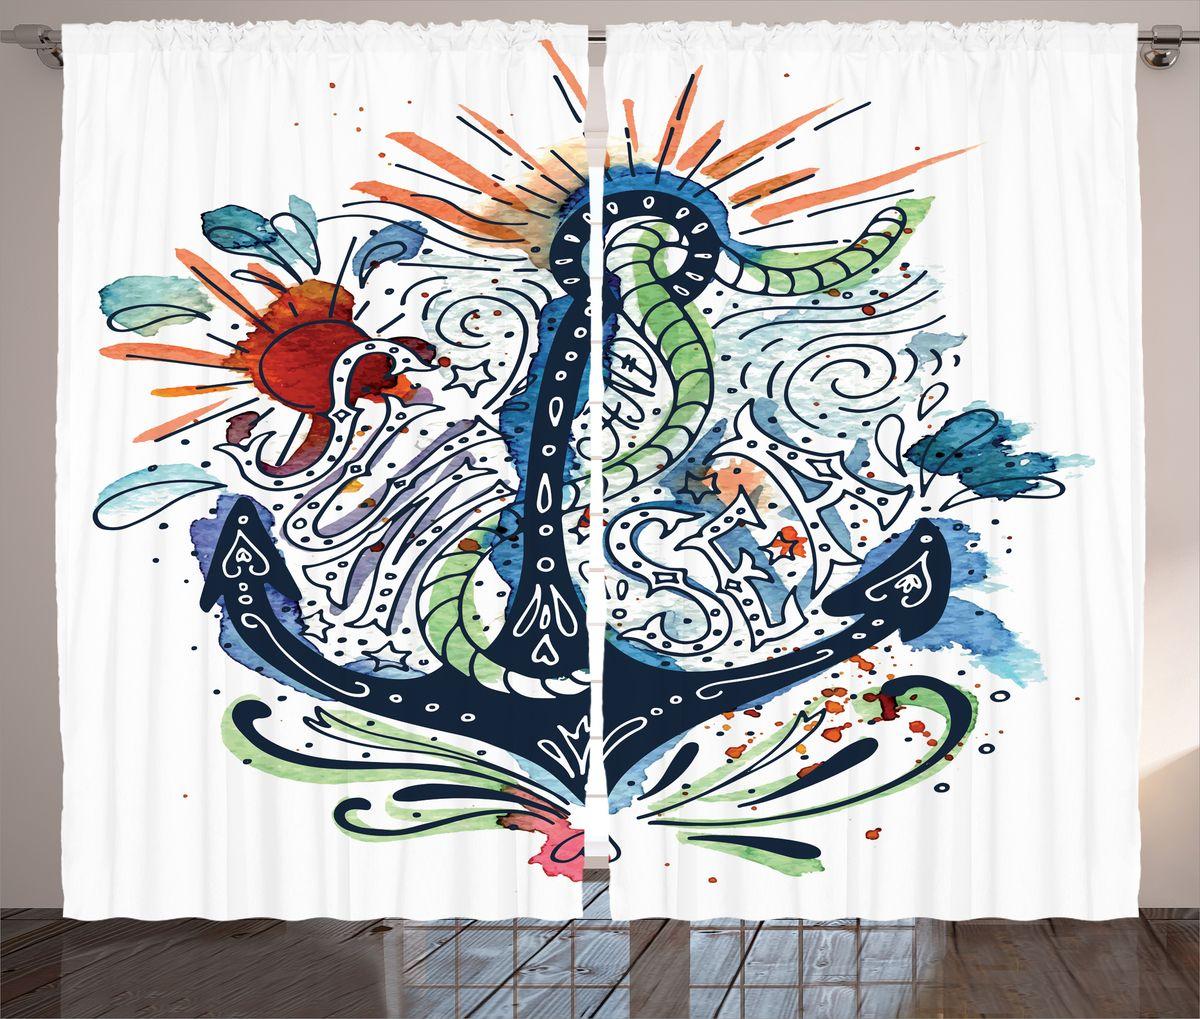 Комплект фотоштор Magic Lady Sun and sea, на ленте, высота 265 см. шсг_15936шсг_9009Компания Сэмболь изготавливает шторы из высококачественного сатена (полиэстер 100%). При изготовлении используются специальные гипоаллергенные чернила для прямой печати по ткани, безопасные для человека и животных. Экологичность продукции Magic lady и безопасность для окружающей среды подтверждены сертификатом Oeko-Tex Standard 100. Крепление: крючки для крепления на шторной ленте (50 шт). Возможно крепление на трубу. Внимание! При нанесении сублимационной печати на ткань технологическим методом при температуре 240°С, возможно отклонение полученных размеров (указанных на этикетке и сайте) от стандартных на + - 3-5 см. Производитель старается максимально точно передать цвета изделия на фотографиях, однако искажения неизбежны и фактический цвет изделия может отличаться от воспринимаемого по фото. Обратите внимание! Шторы изготовлены из полиэстра сатенового переплетения, а не из сатина (хлопок). Размер одного полотна шторы: 145х265 см. В комплекте 2 полотна шторы и 50 крючков.